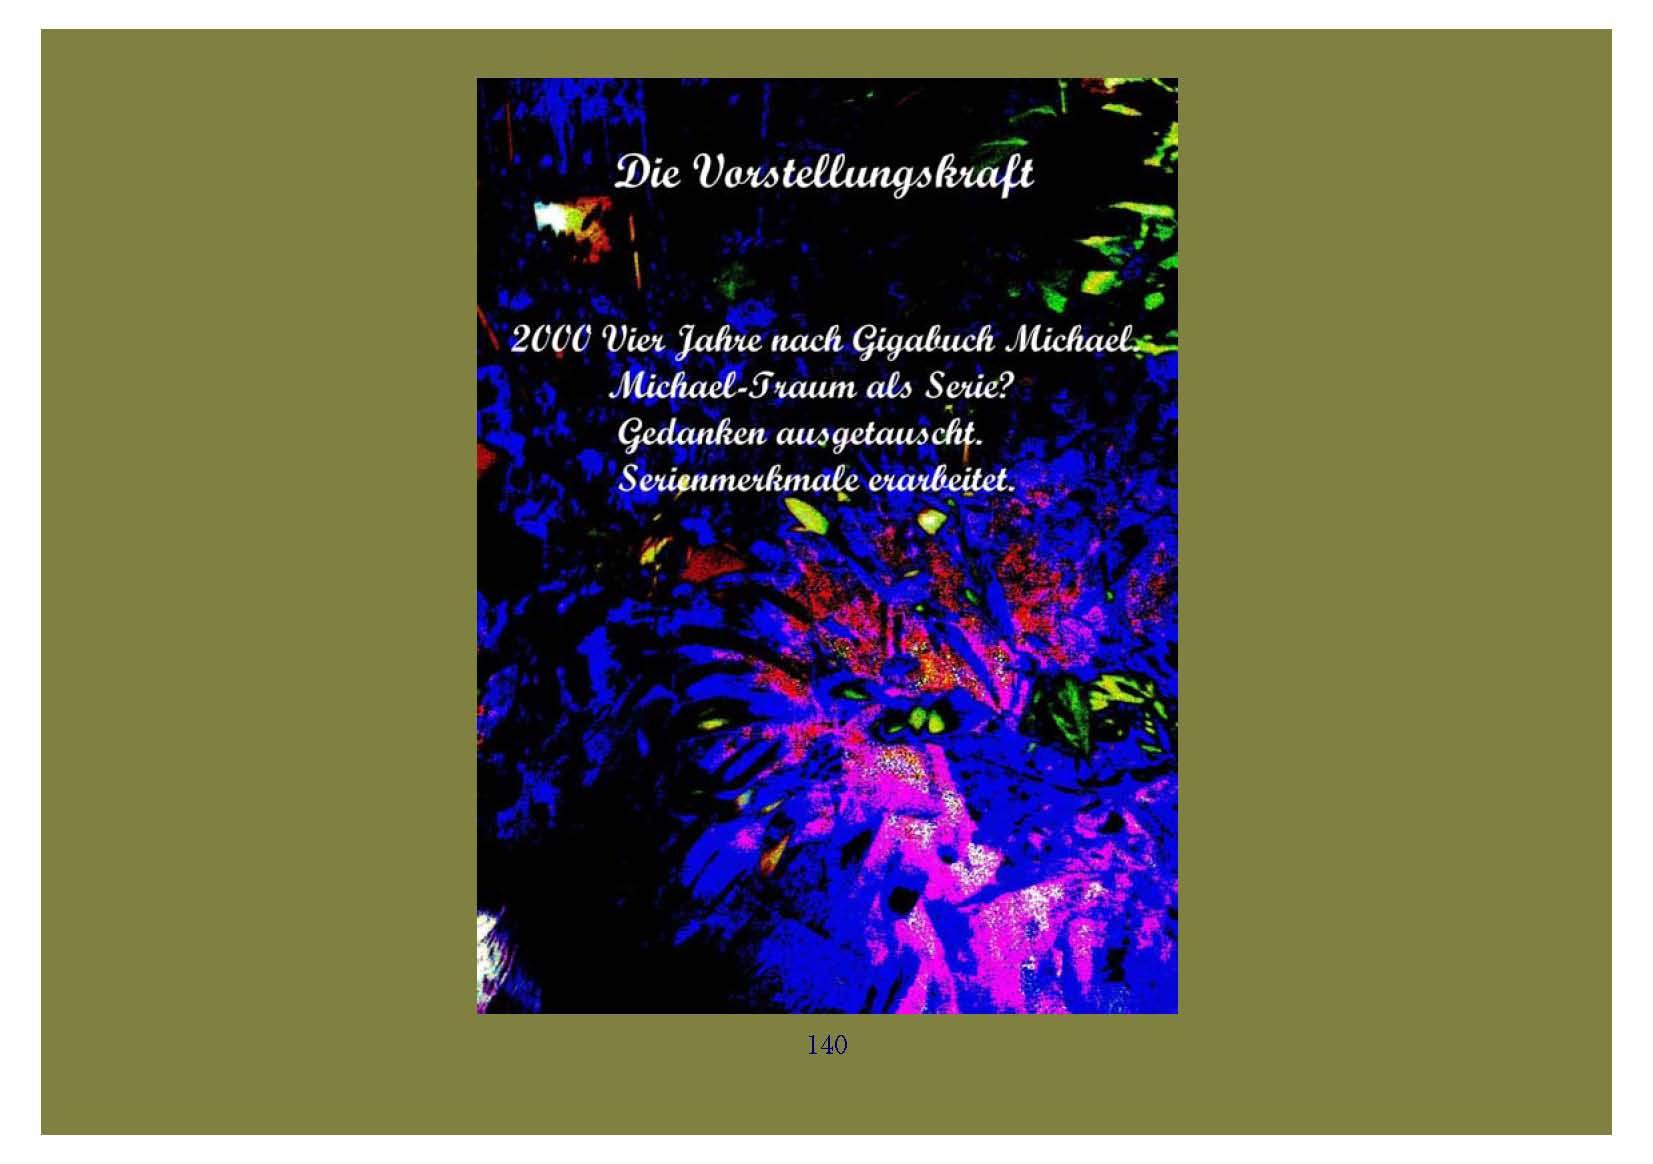 ™Gigabuch-Bibliothek/iAutobiographie Band 9/Bild 05632